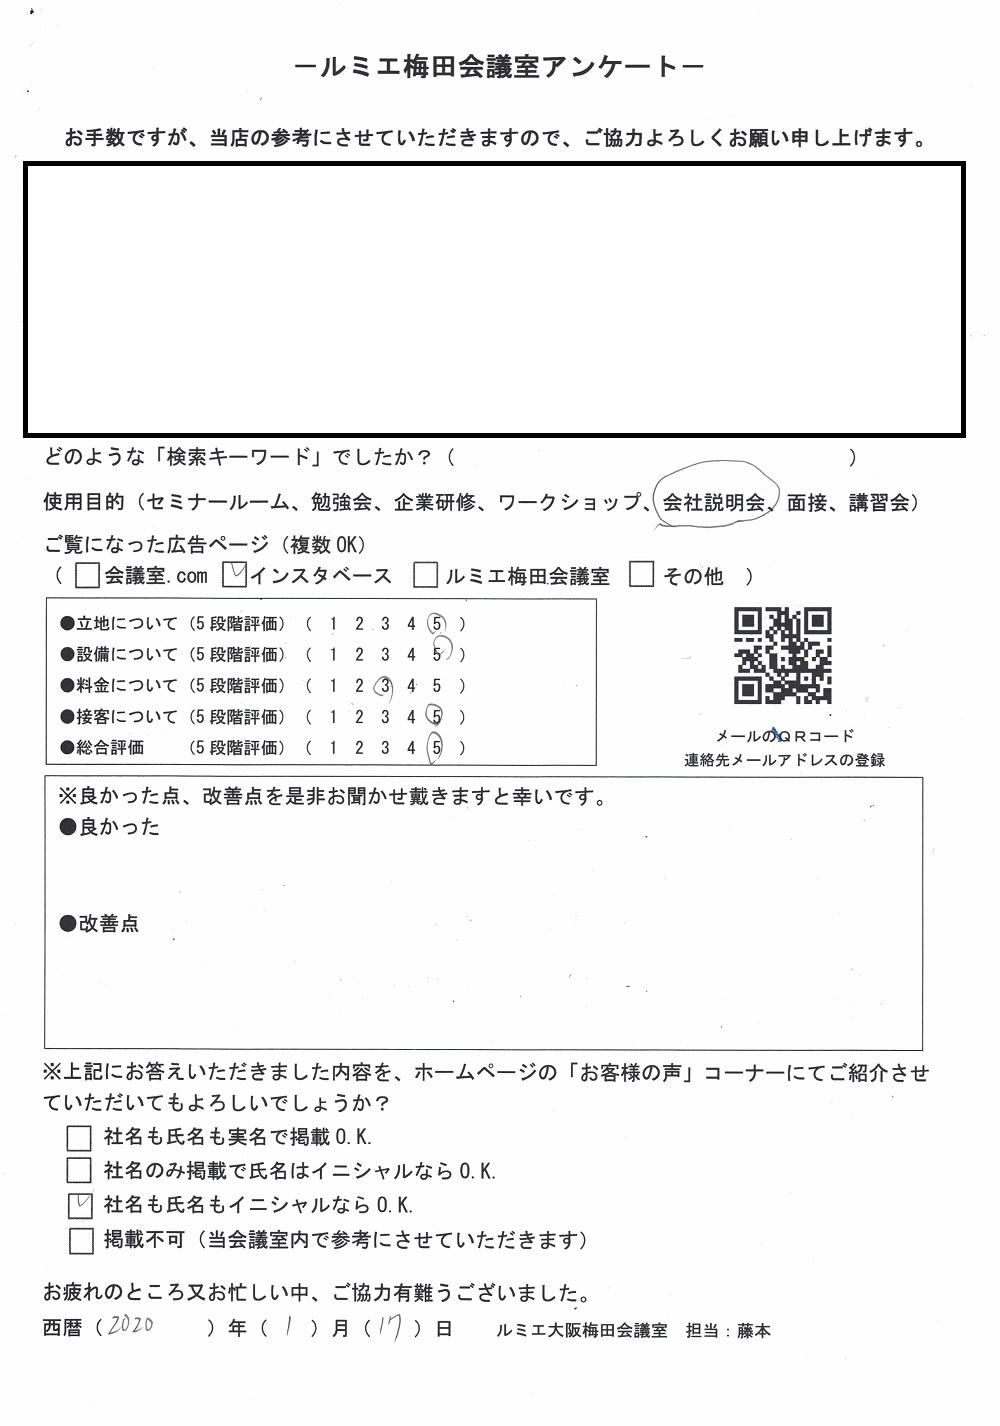 大阪 梅田の格安 貸し会議室はルミエ 大阪 梅田 貸し会議室のお客様の声20200117-03